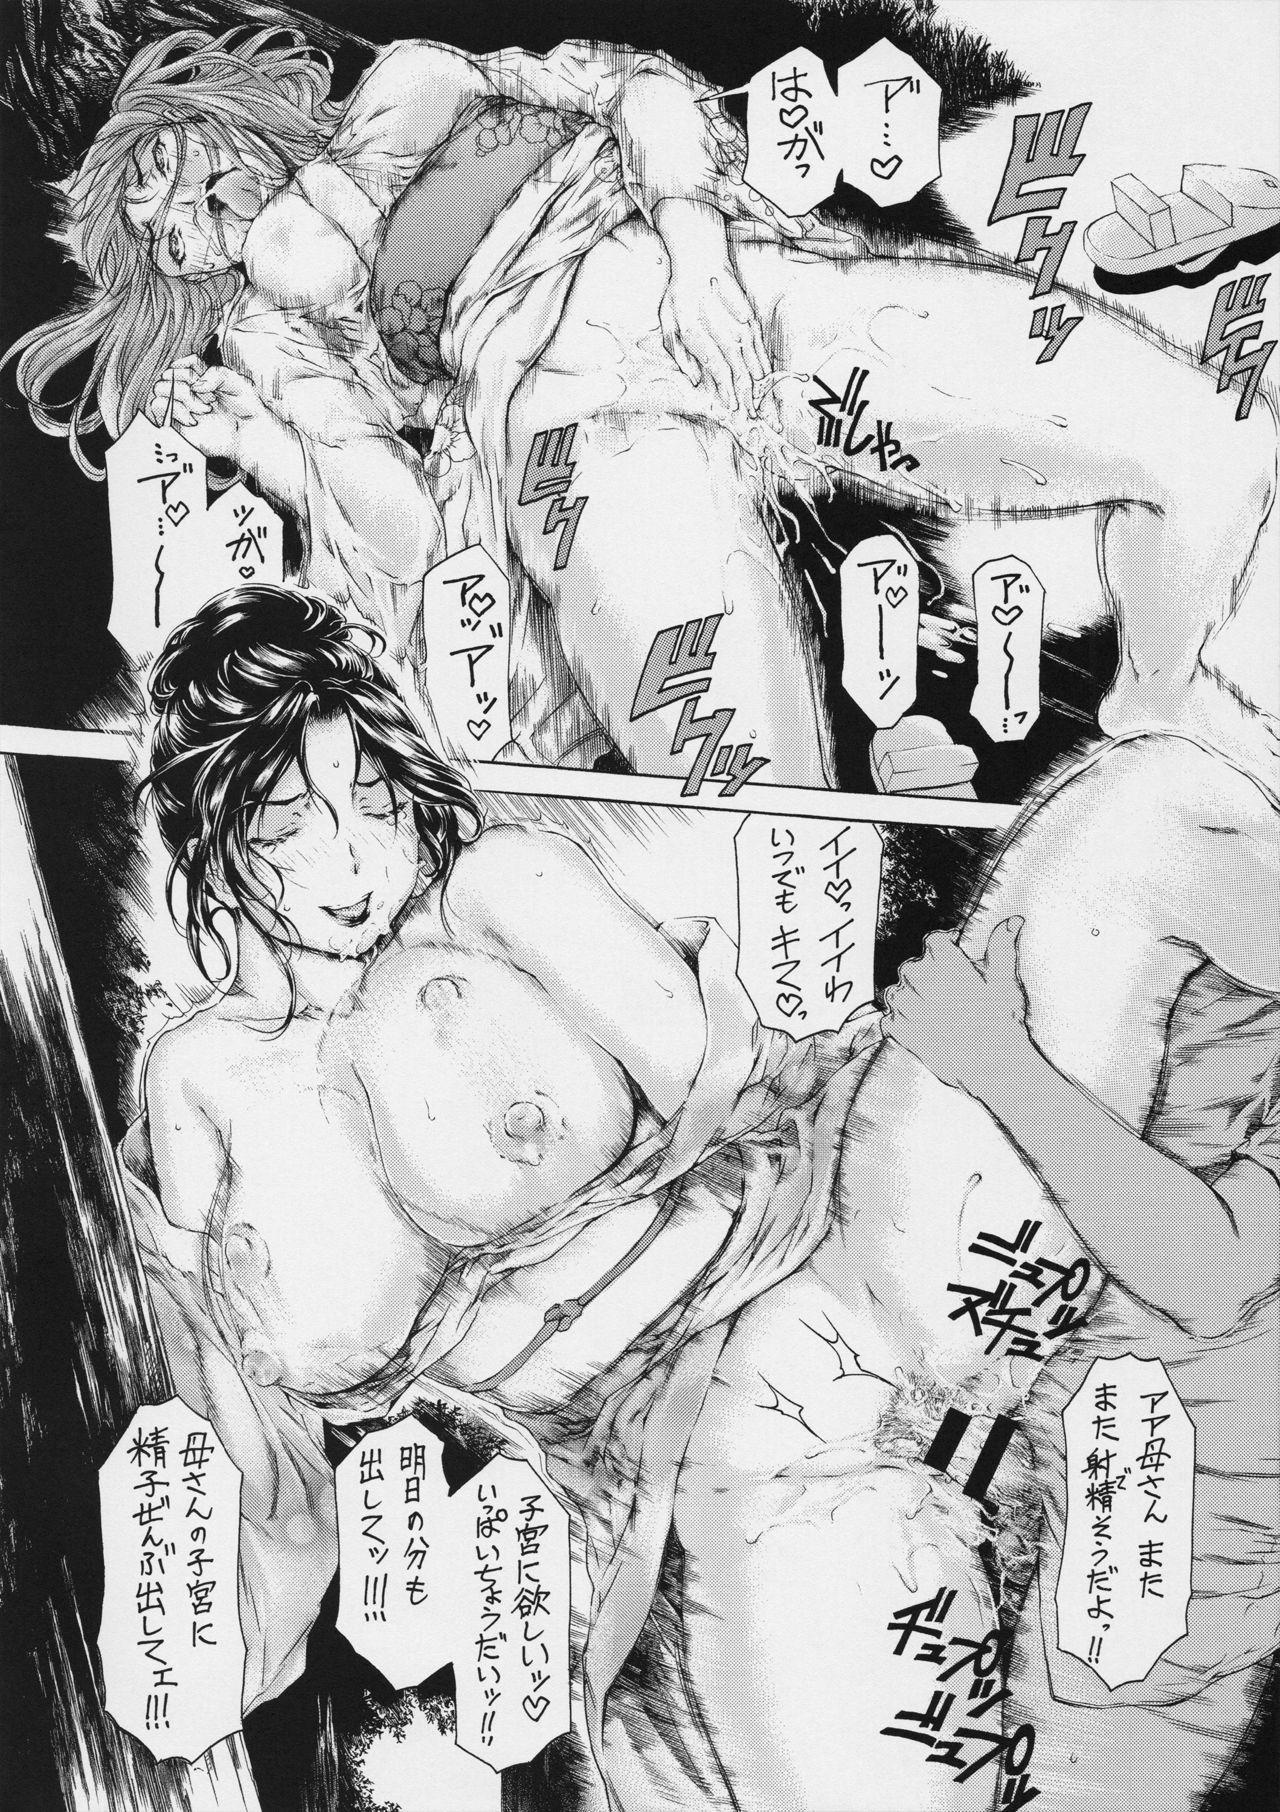 (COMIC1☆11) [Subesube 1kg (Narita Kyousha)] 9-Ji Kara 5-ji Made no Koibito Dai 9 wa - Nine to Five Lover 29